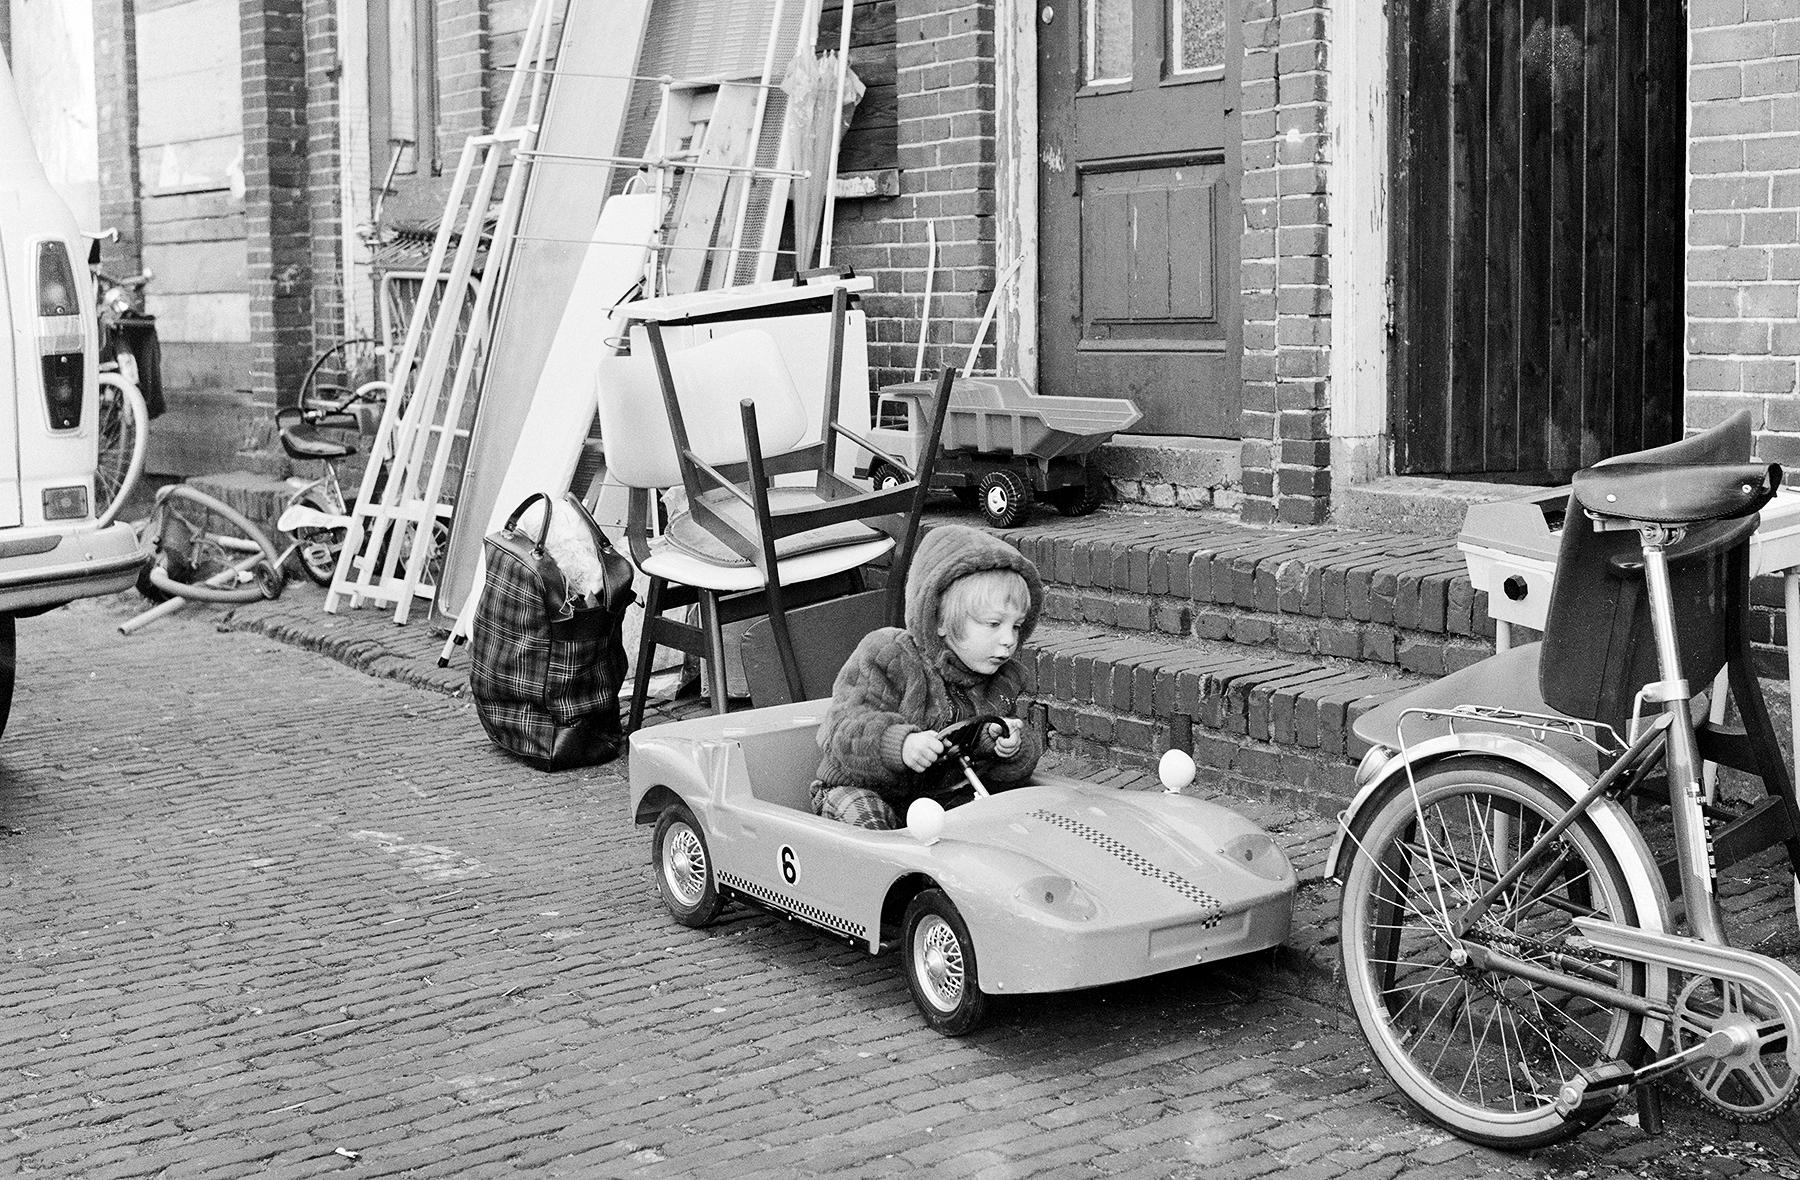 Davidstraat Groningen, 1973